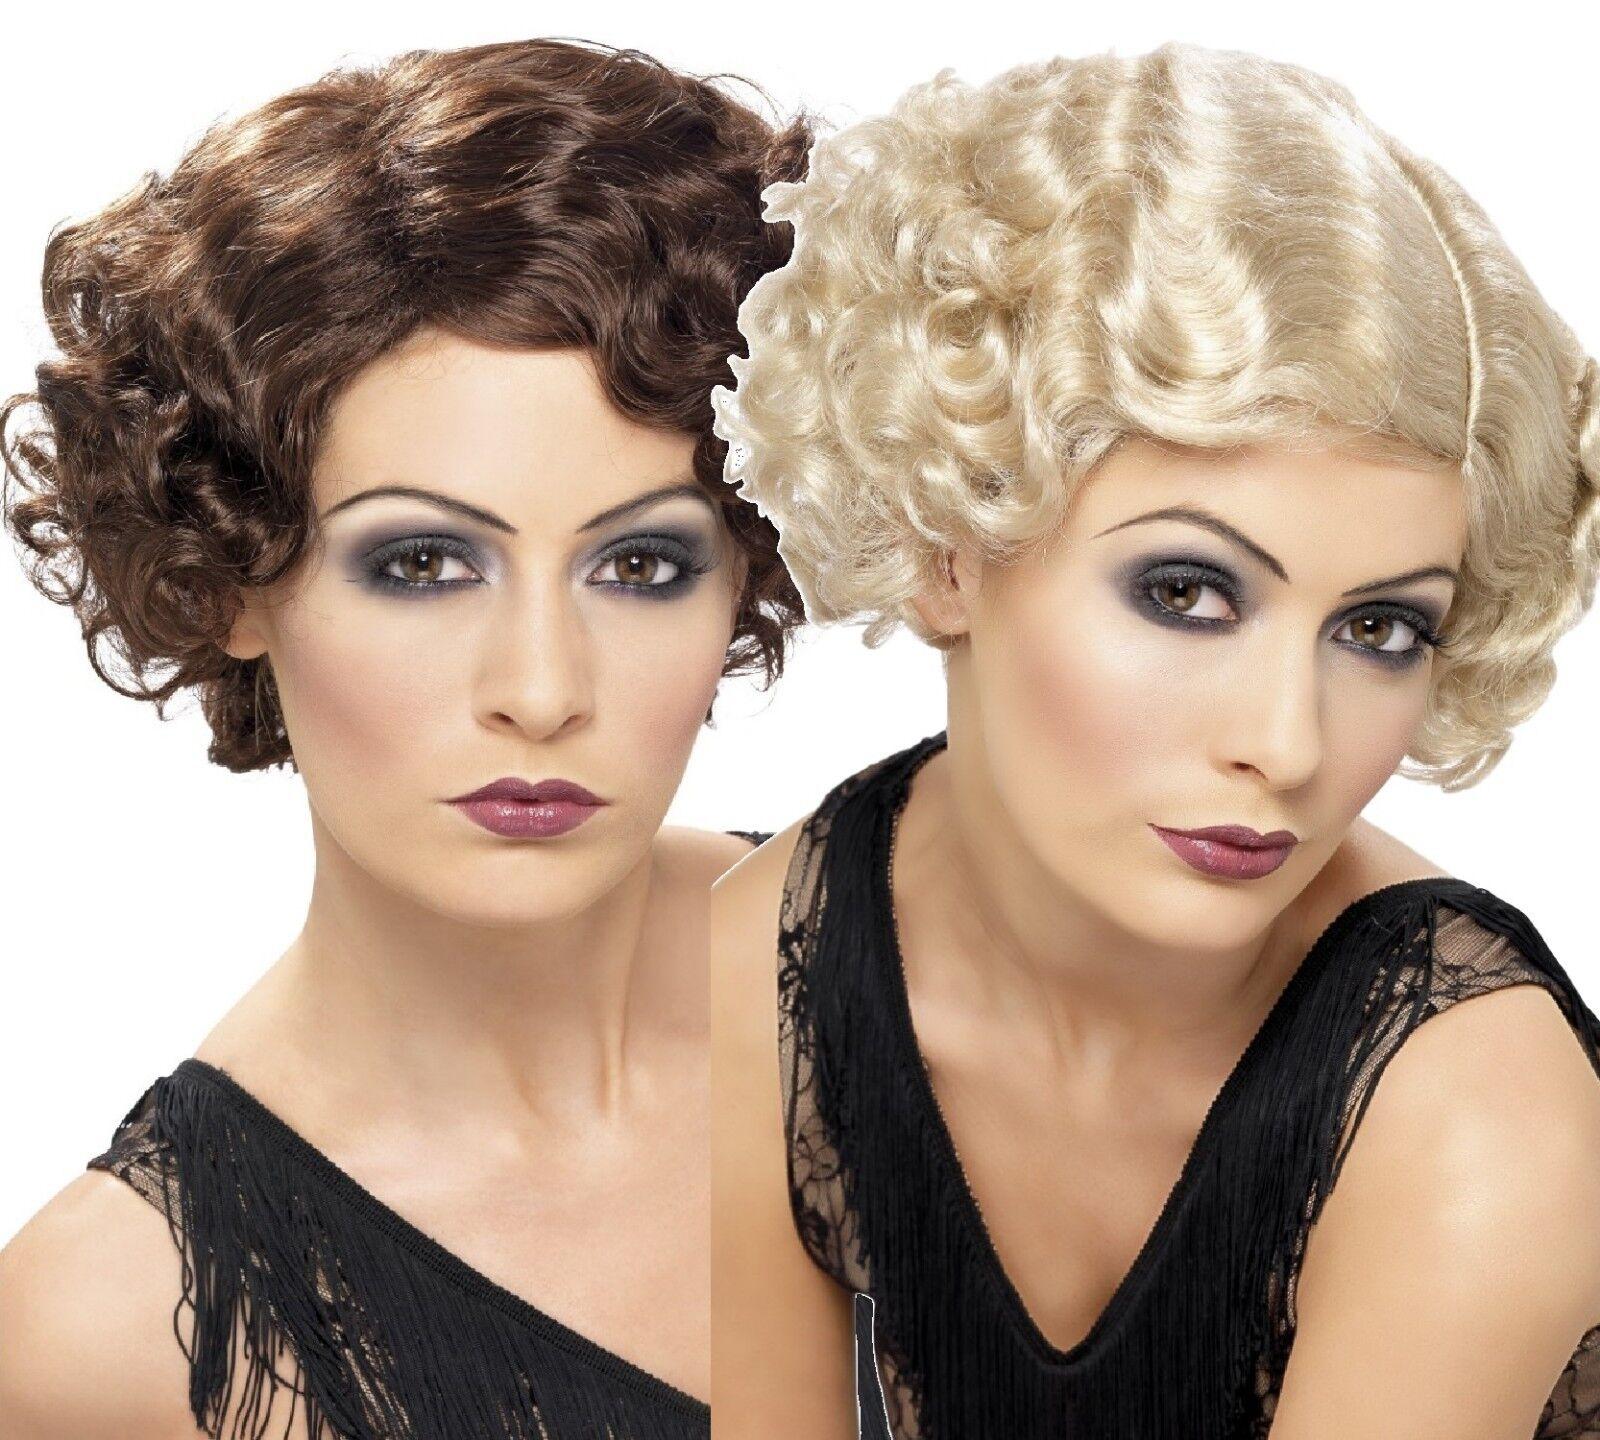 Blonde frisé perruque avec bandeau et plume 1920 charleston burlesque robe fantaisie